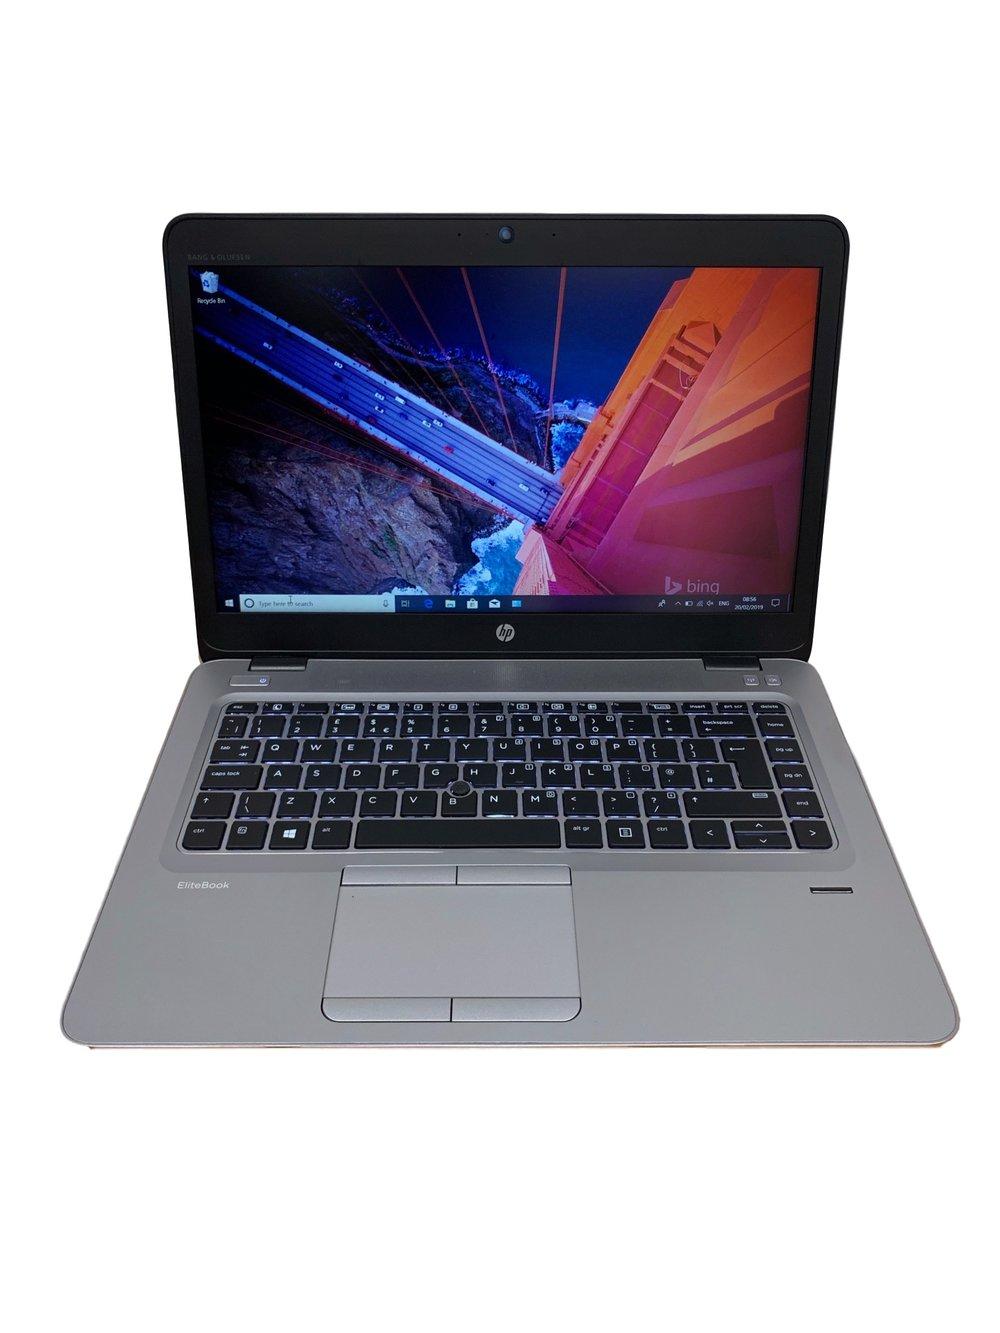 لابتوب HP 745 G4 بشاشة FHD